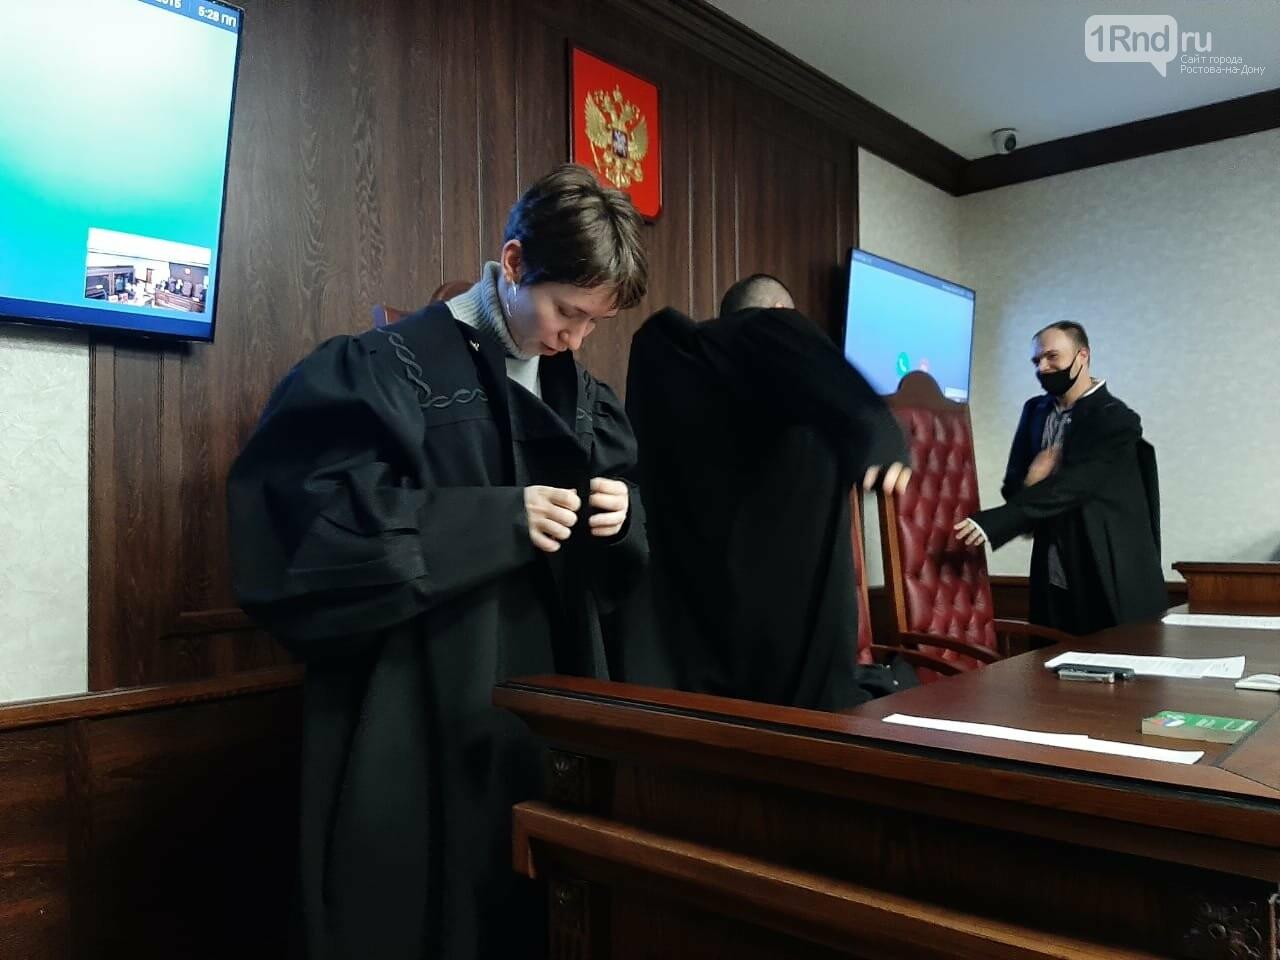 Как ростовские журналисты поменялись местами с судьями, фото-2